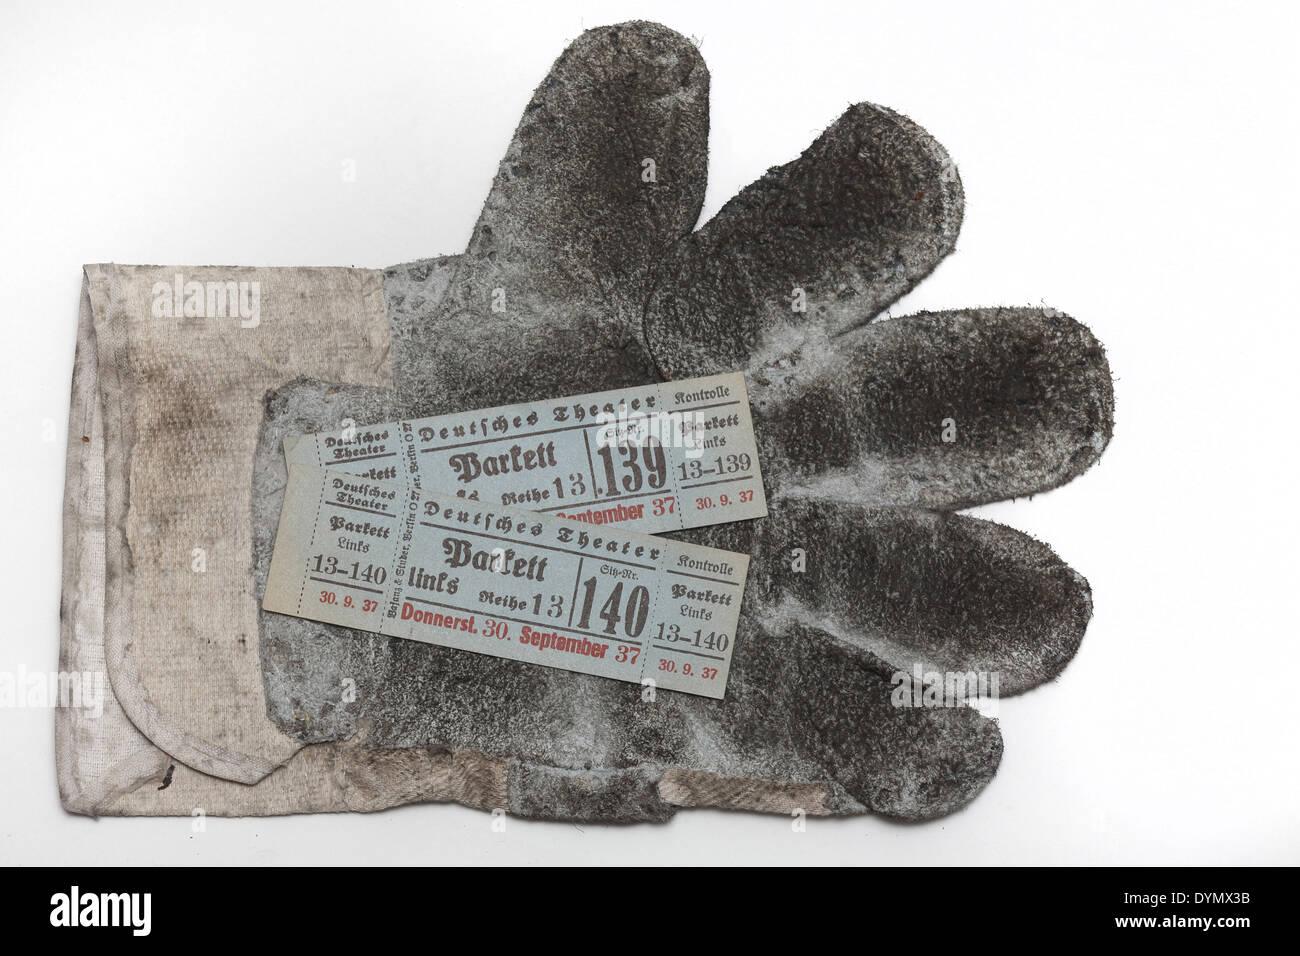 GER, 20140418, Arbeitshandschuh mit Karte - Stock Image